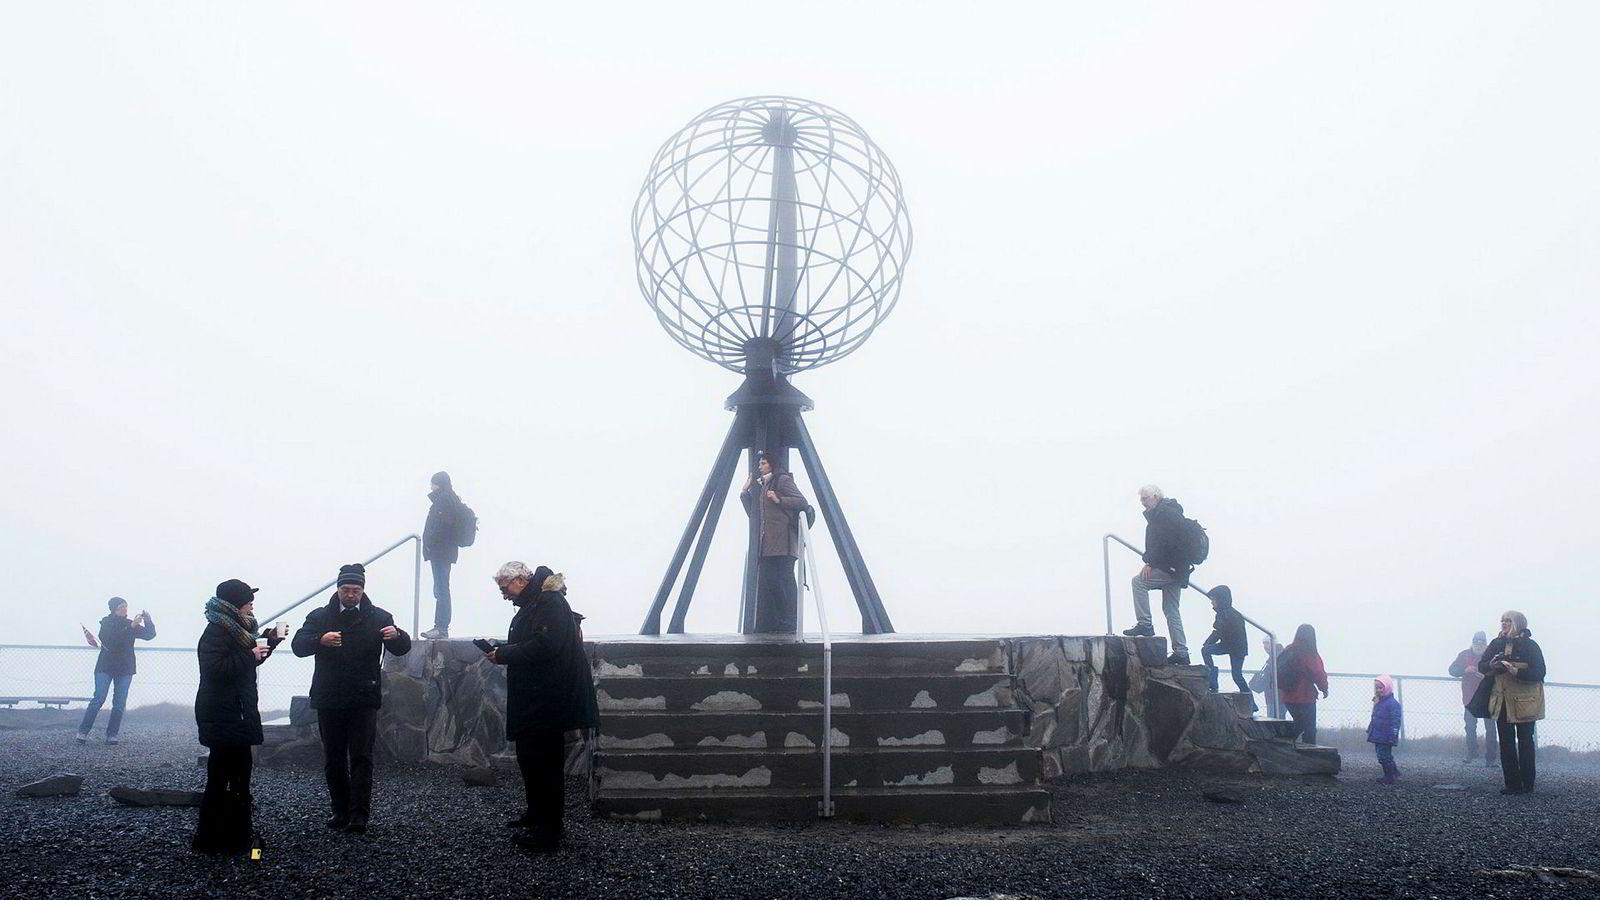 Mange har reagert på prisen for å slippe inn til Nordkapps turistperle. Det ble også påpekt da Island spurte Norge om erfaringene med turistskatt.